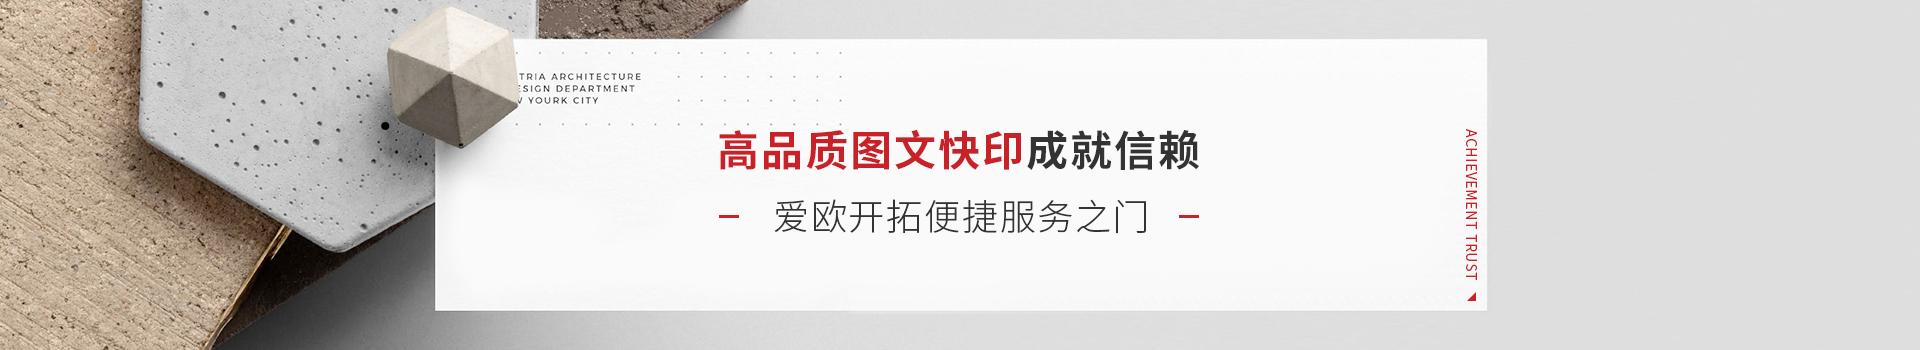 爱欧图文新闻资讯